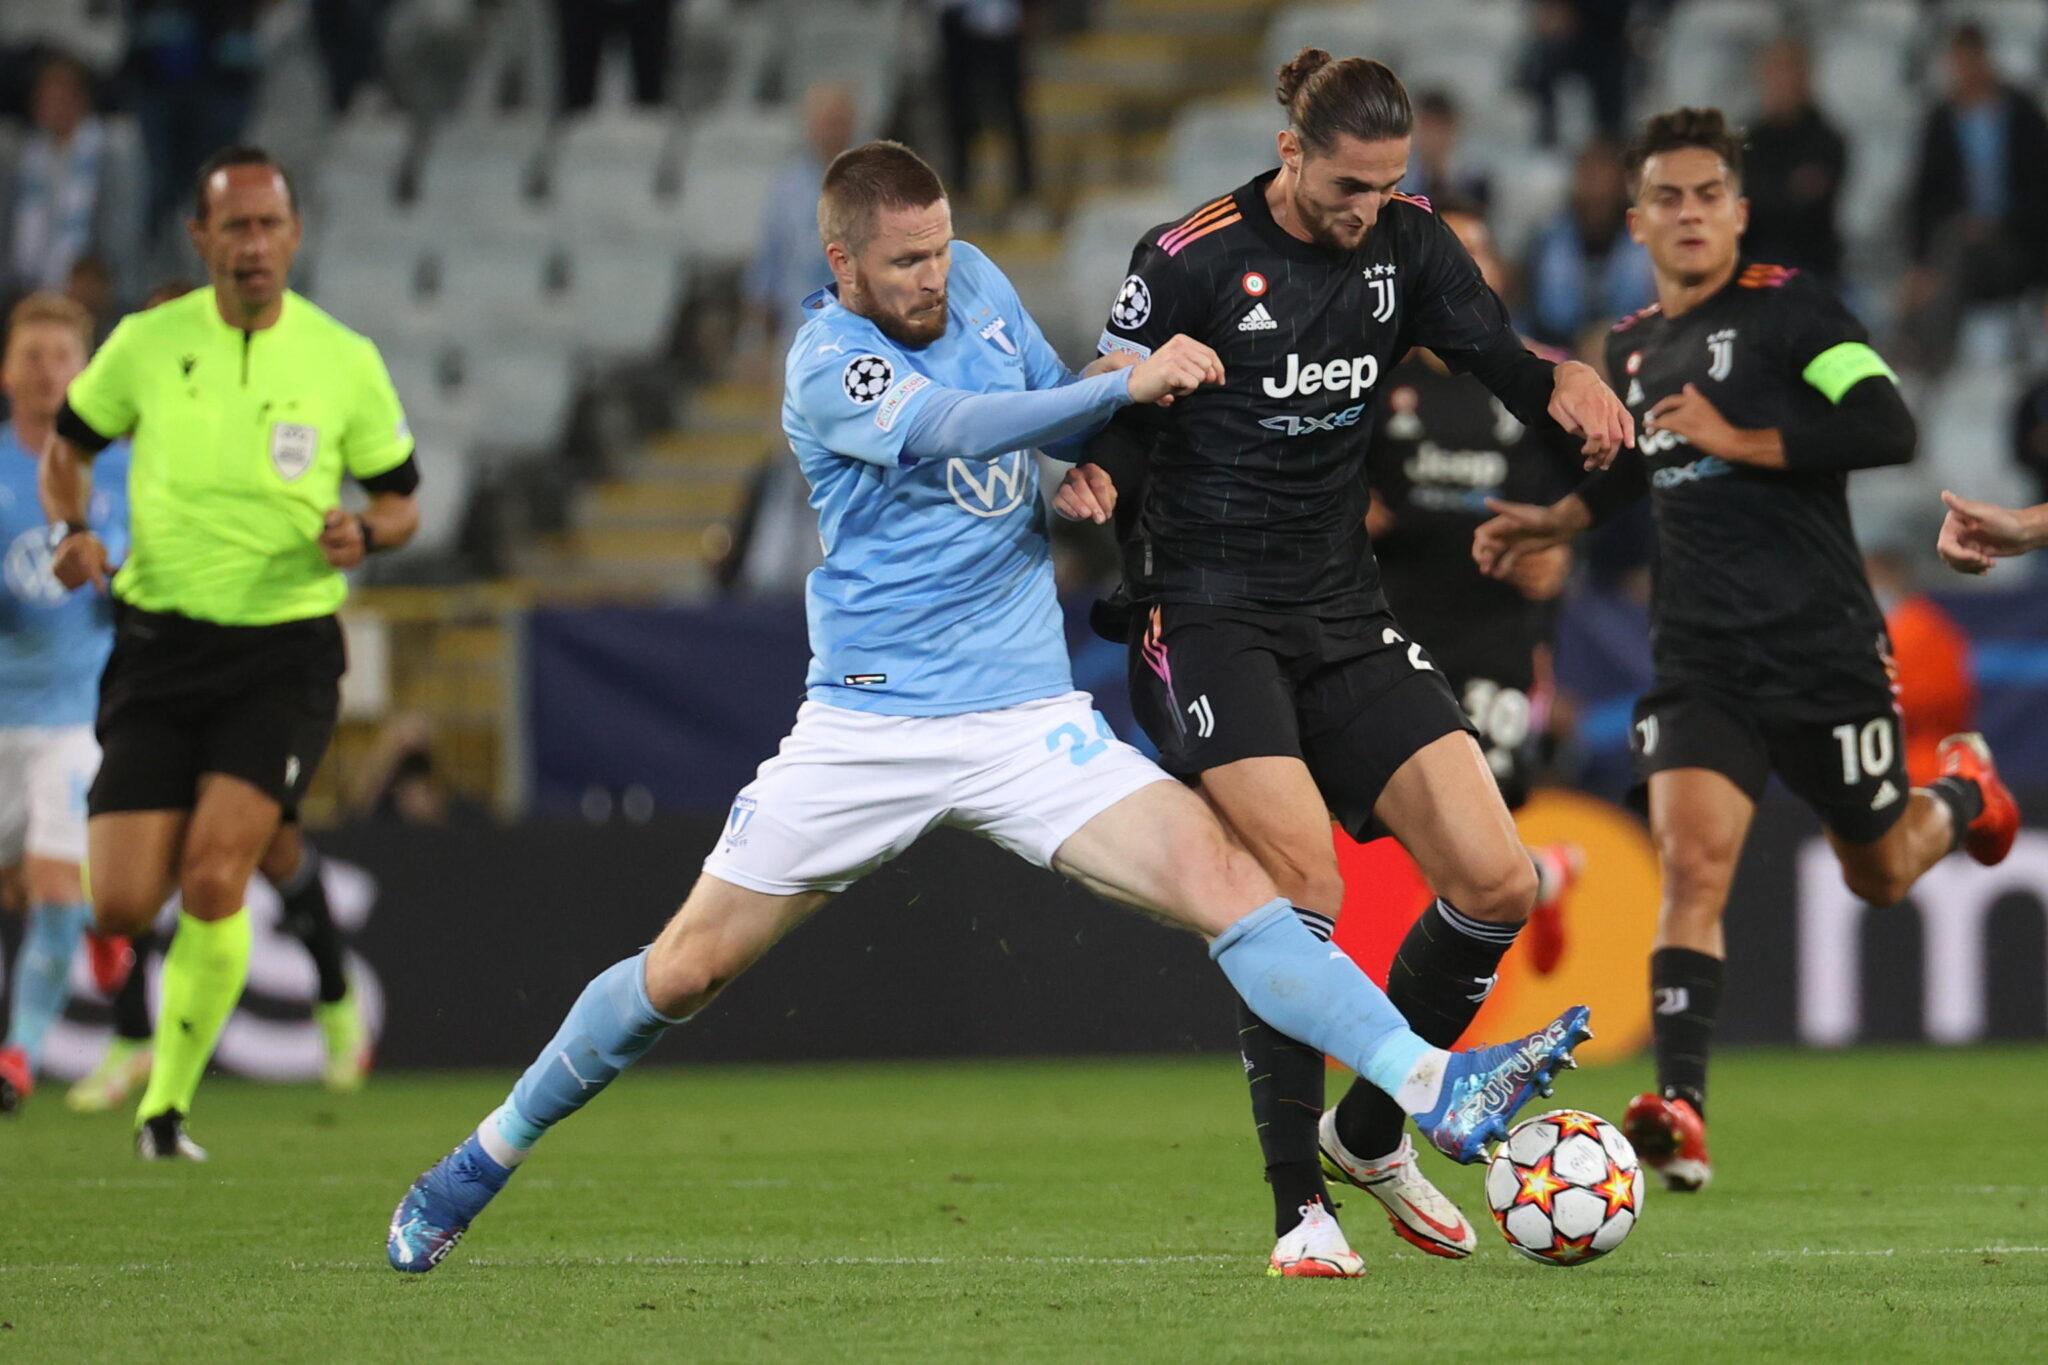 Malmoe-Juventus 0-3, le pagelle: è riscatto bianconero ...